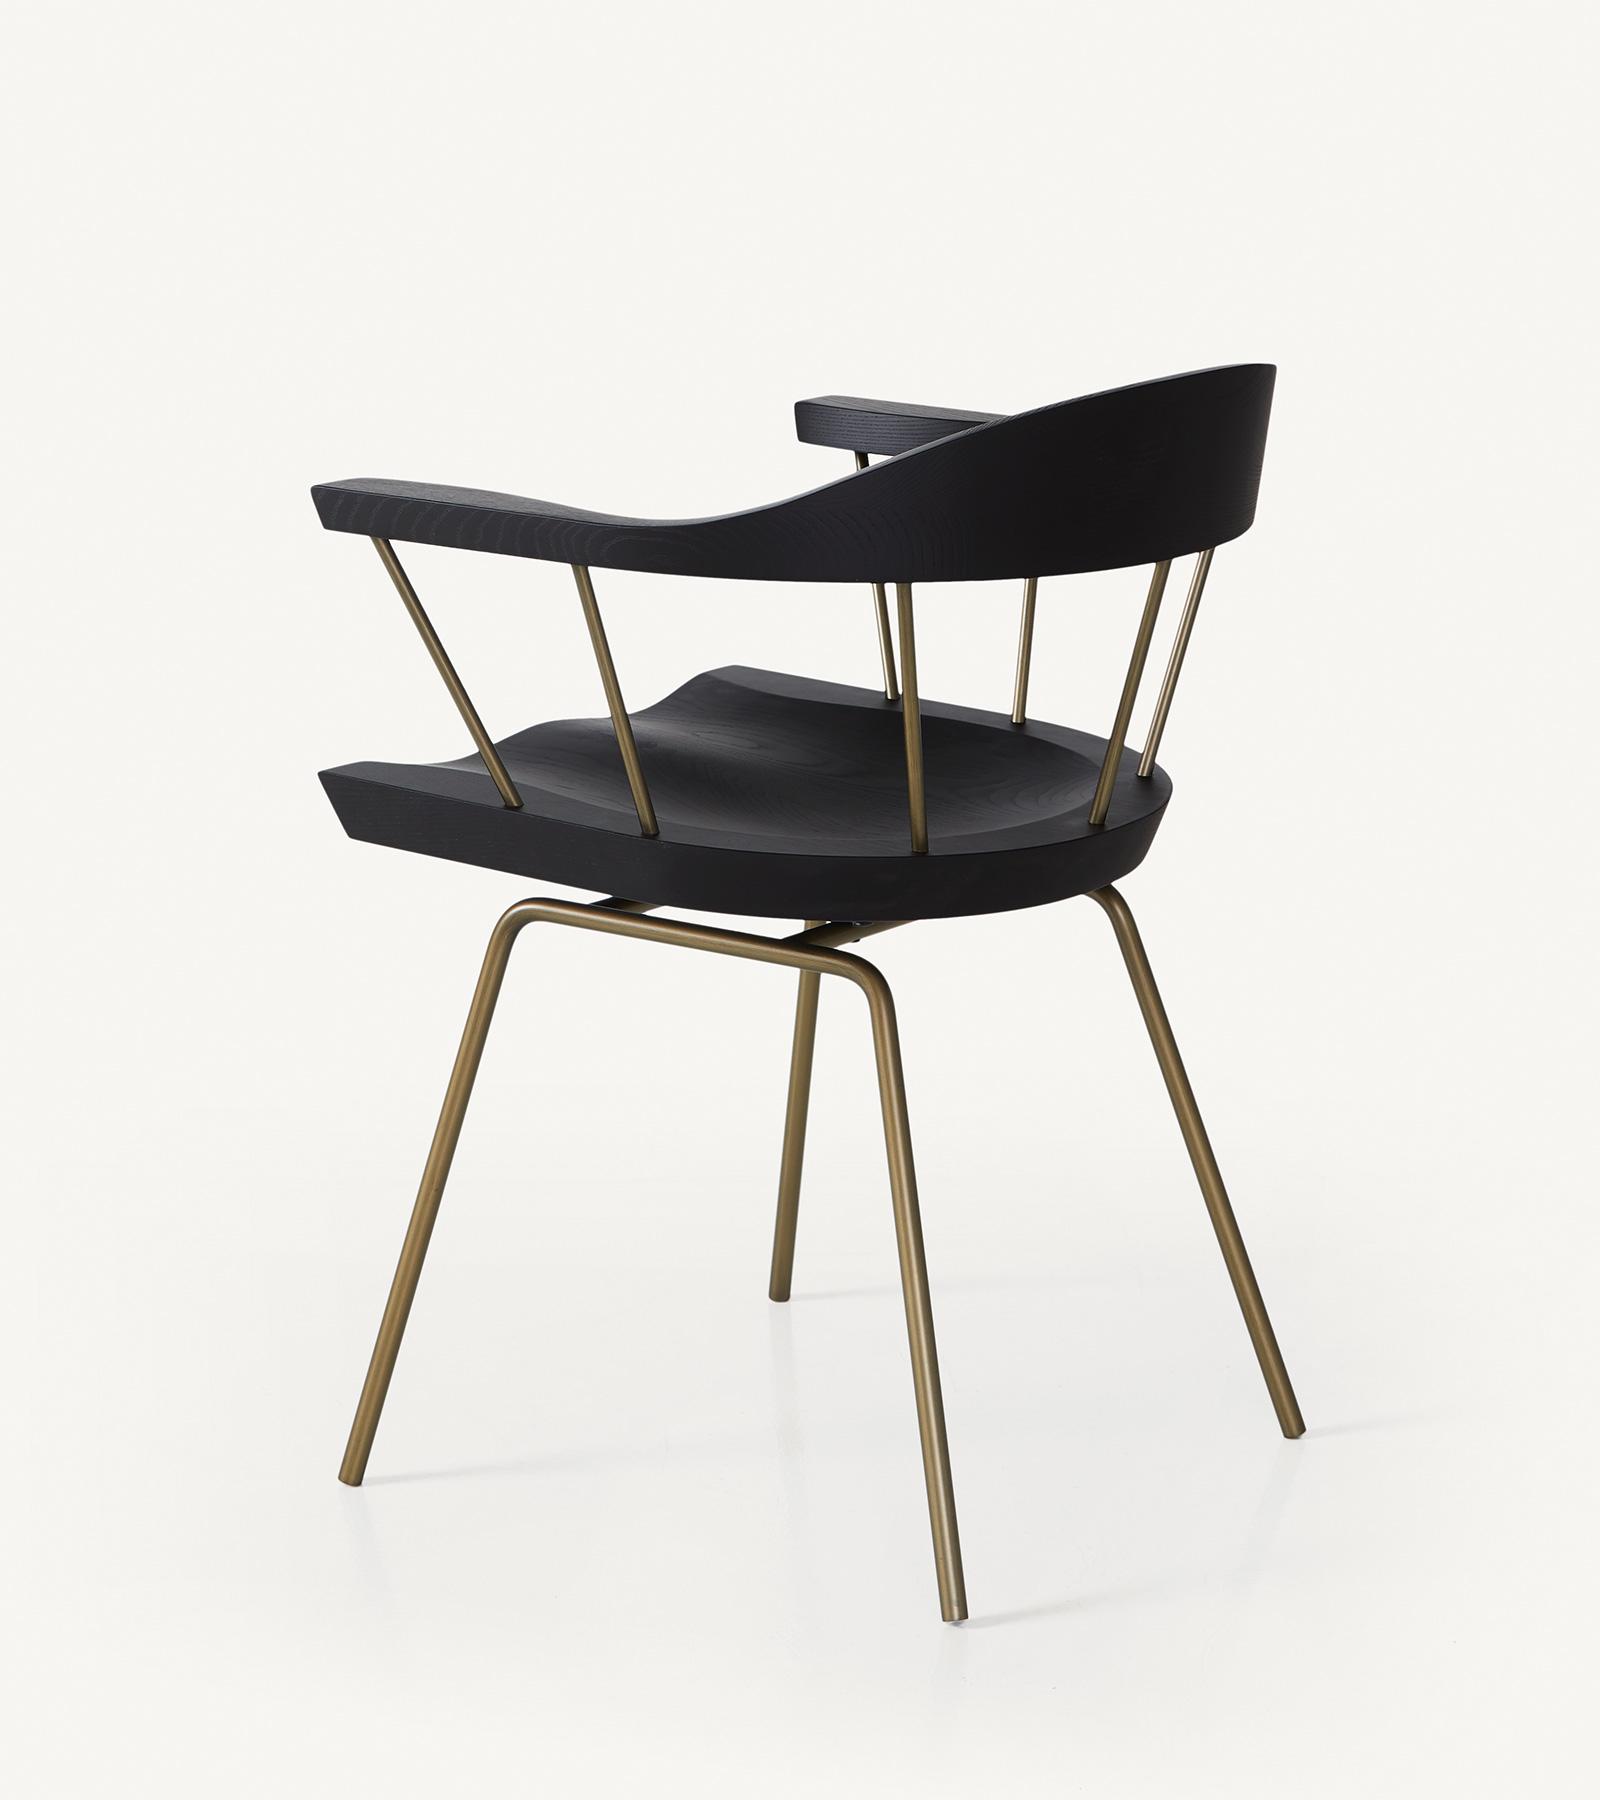 TinnappleMetz-bassamfellows-Spindle-Side-Chair-06